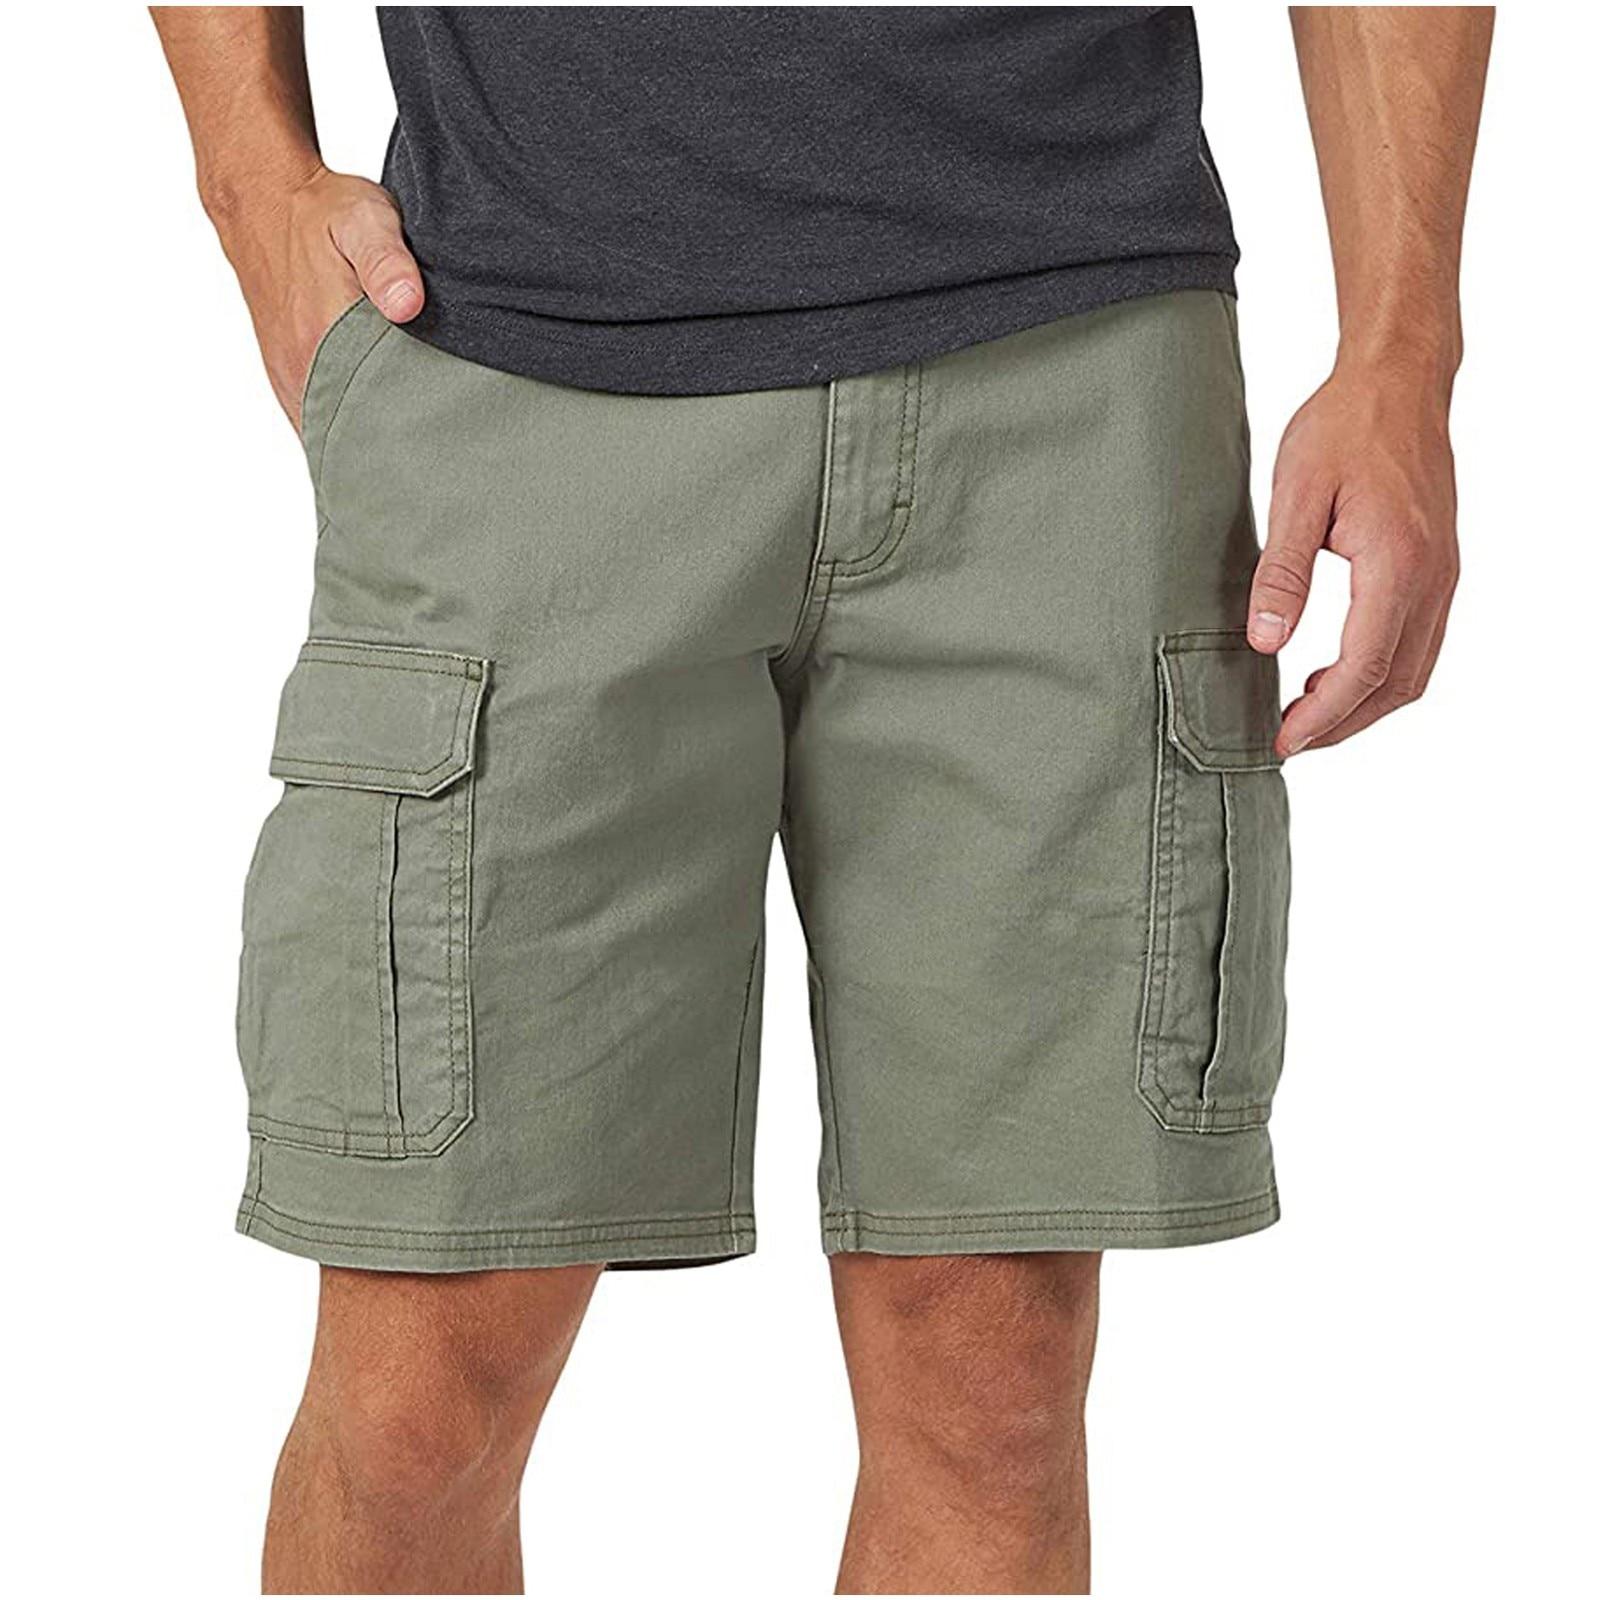 2021 модные мужские брюки карман на молнии устойчивость для досуга рабочие шорты штаны, подходят детям в возрасте свободные летние шорты для ...